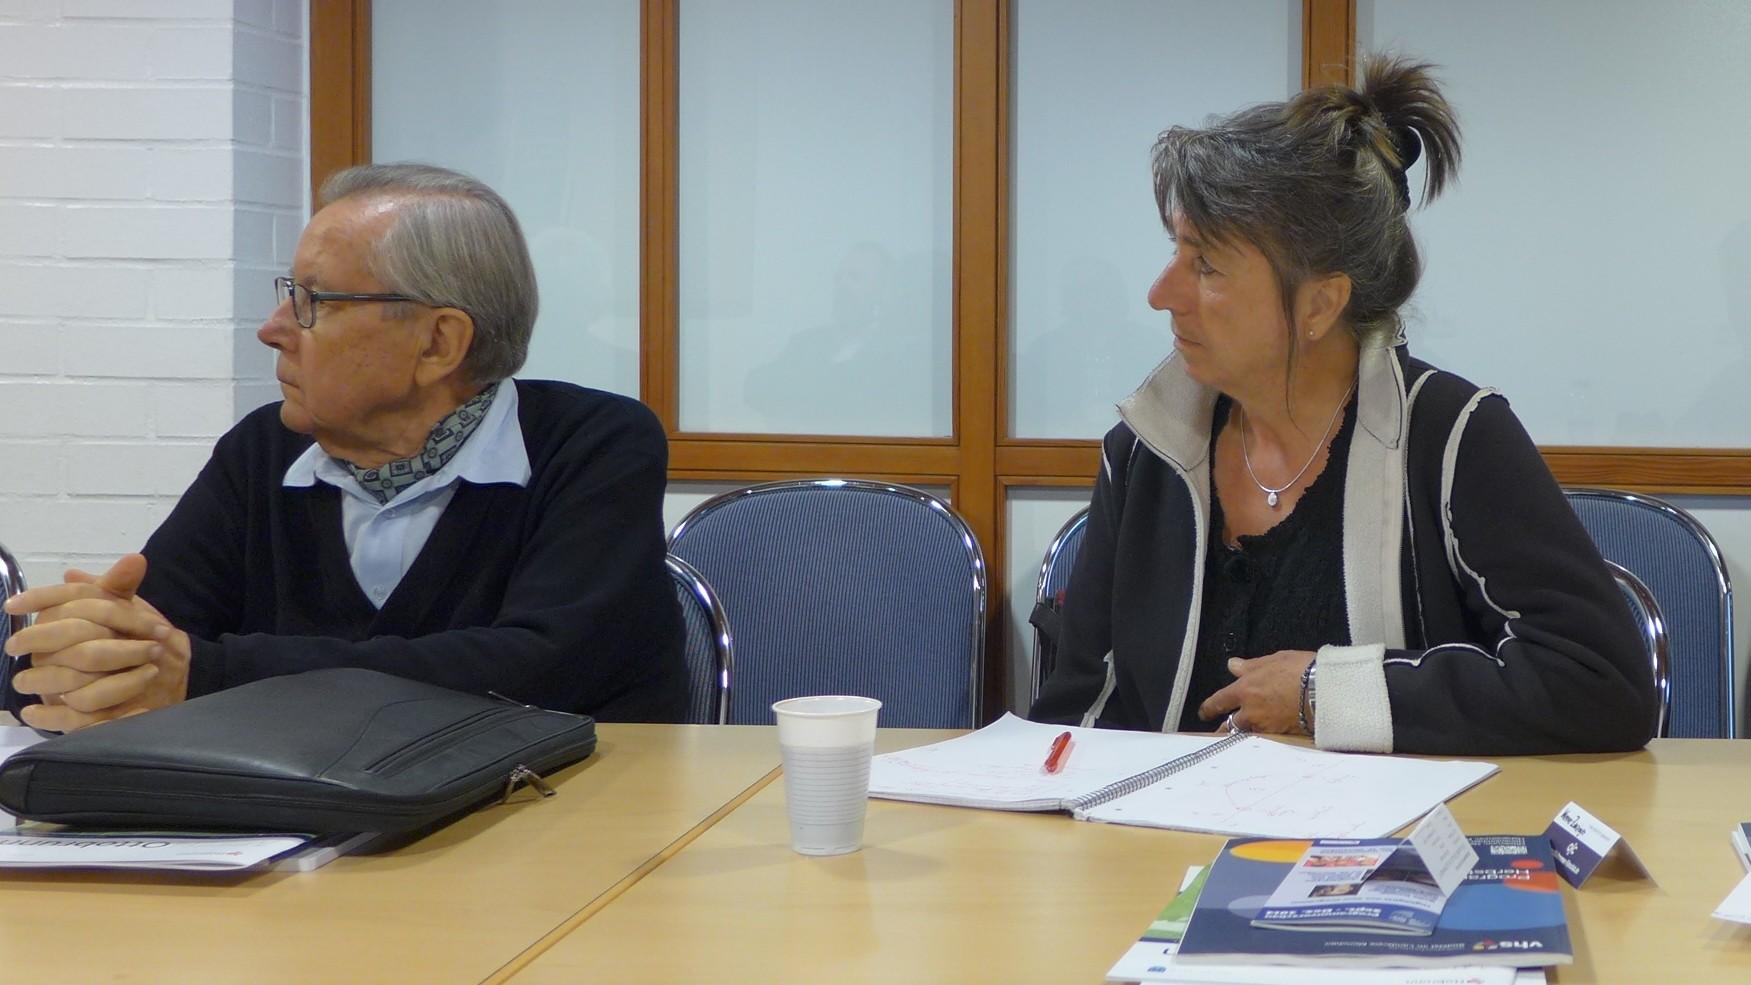 Jürgen aus Grünwald steht für lebenslanges Lernen